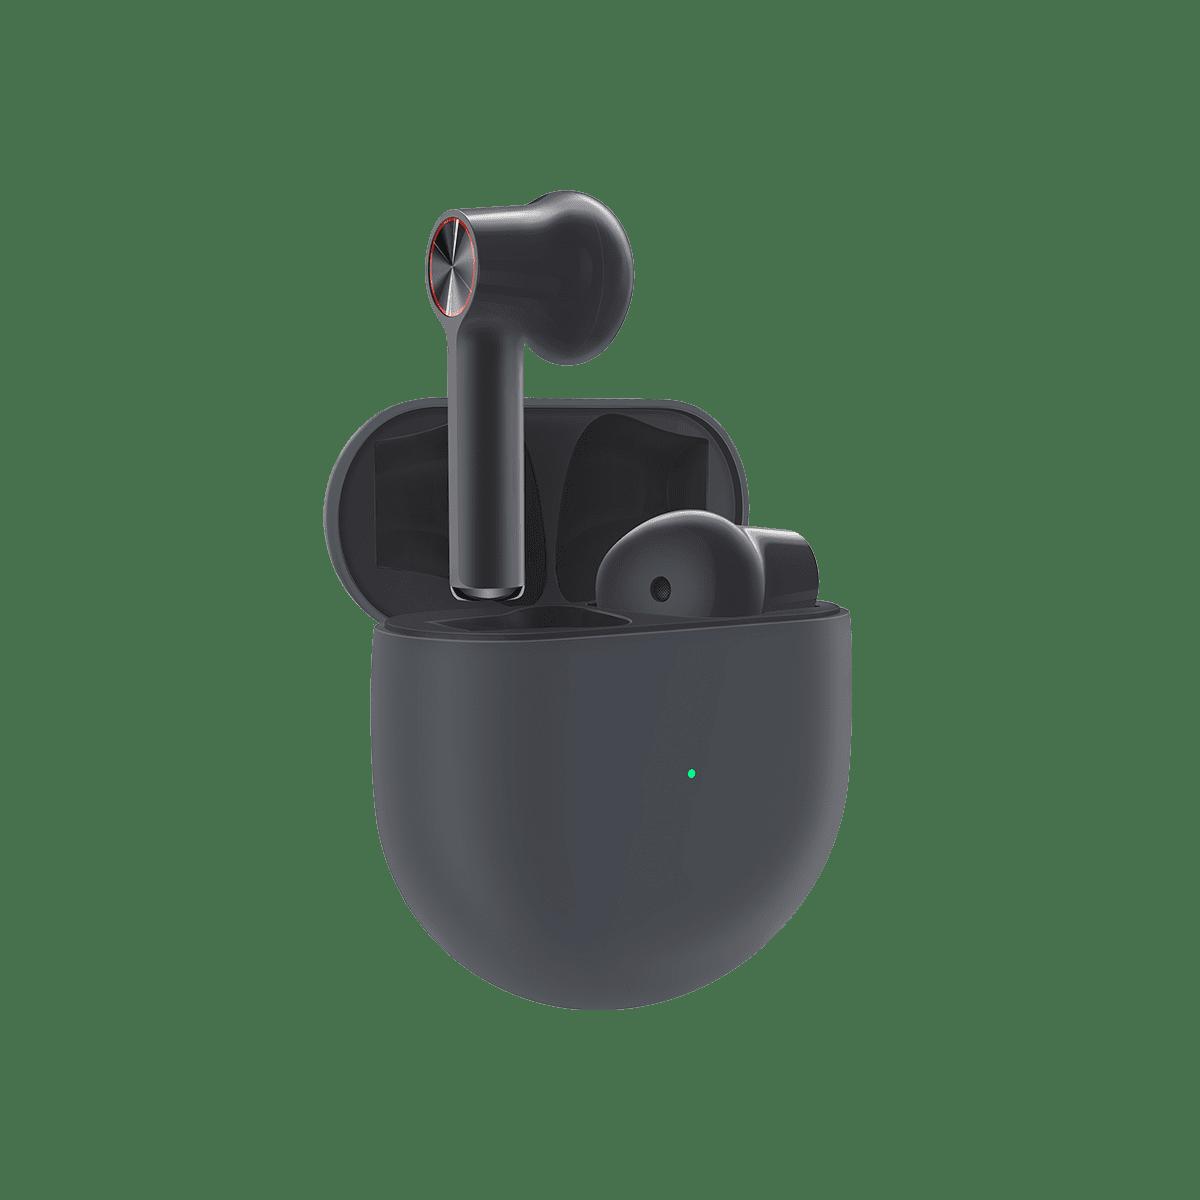 OnePlus Buds (Model E501A Gray)